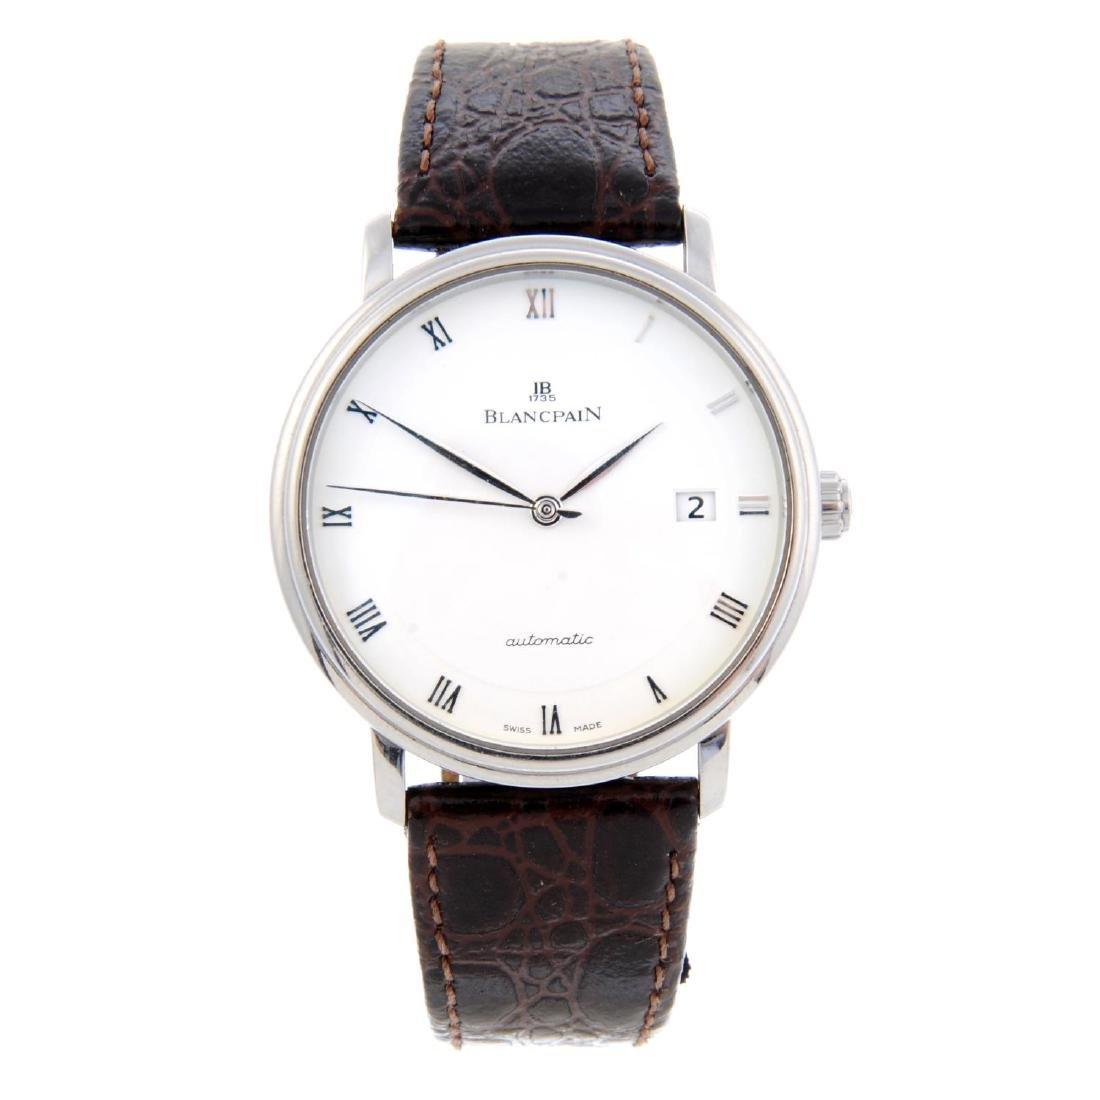 BLANCPAIN - a gentleman's Villeret wrist watch.